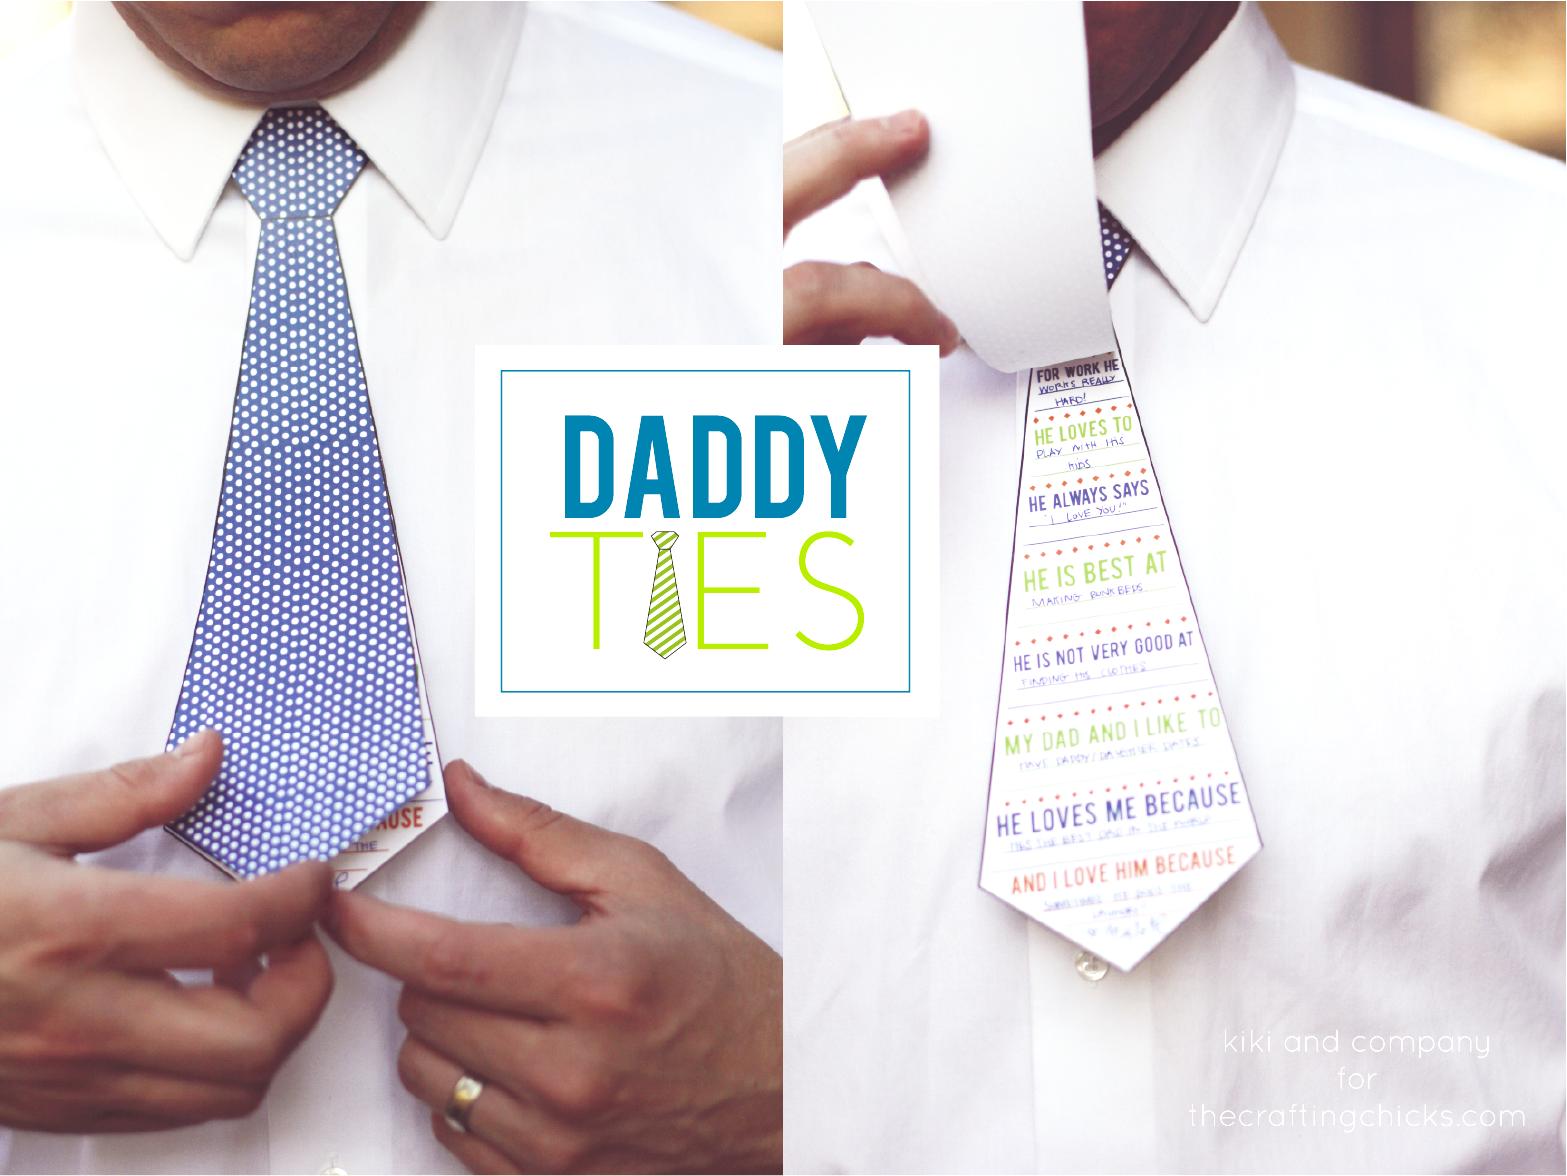 Free Printable Daddy Ties with Surveys - so cute! via @PagingSupermom